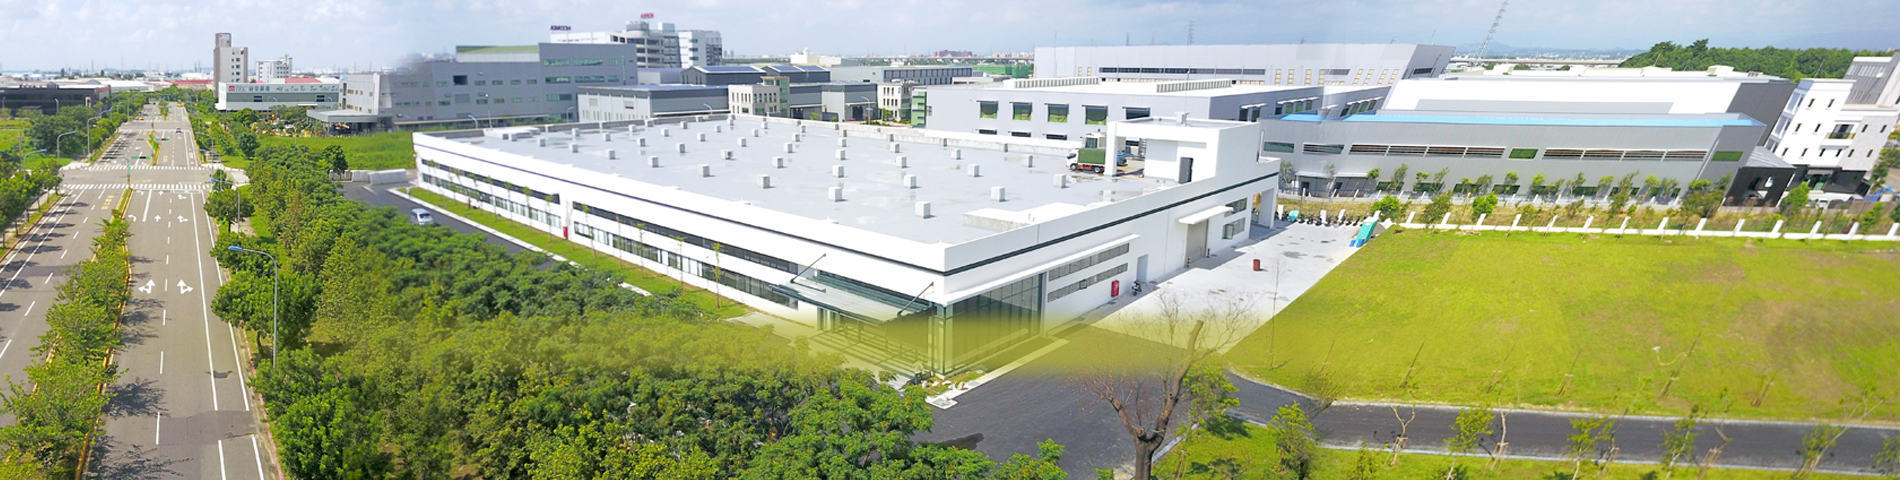 Daysun Group Company